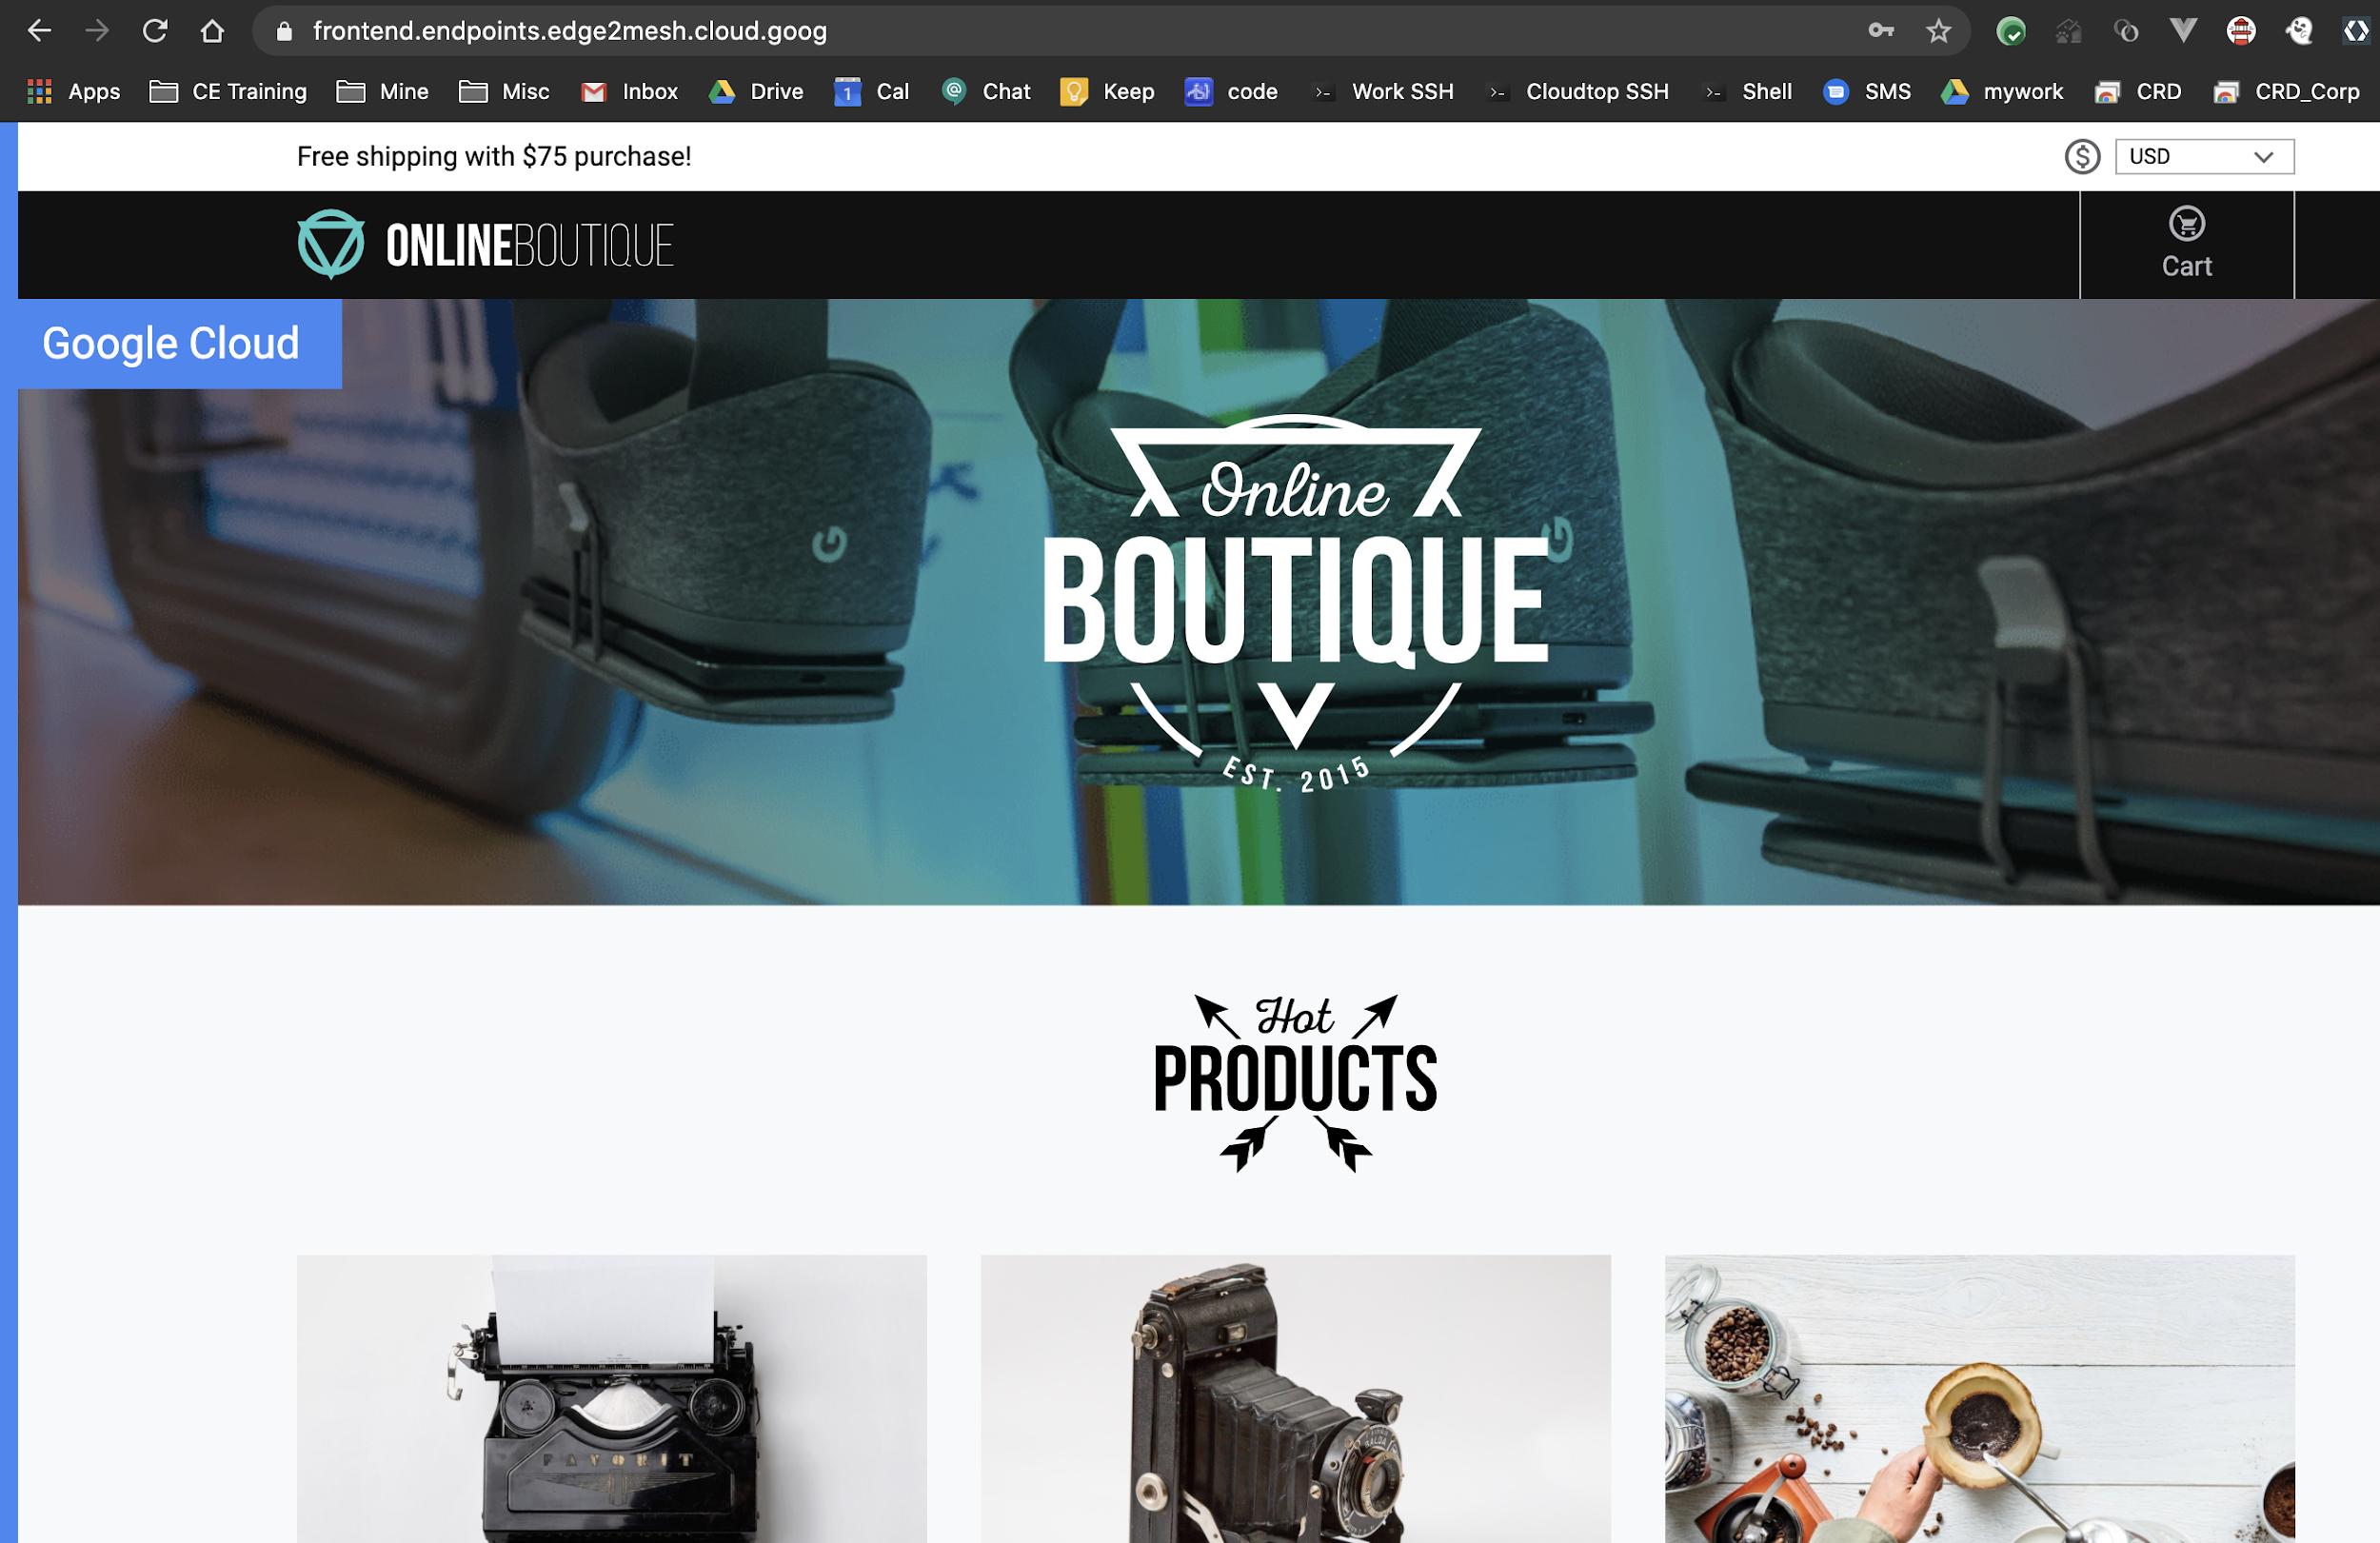 Productos que se muestran en la página principal de OnlineBoutique.